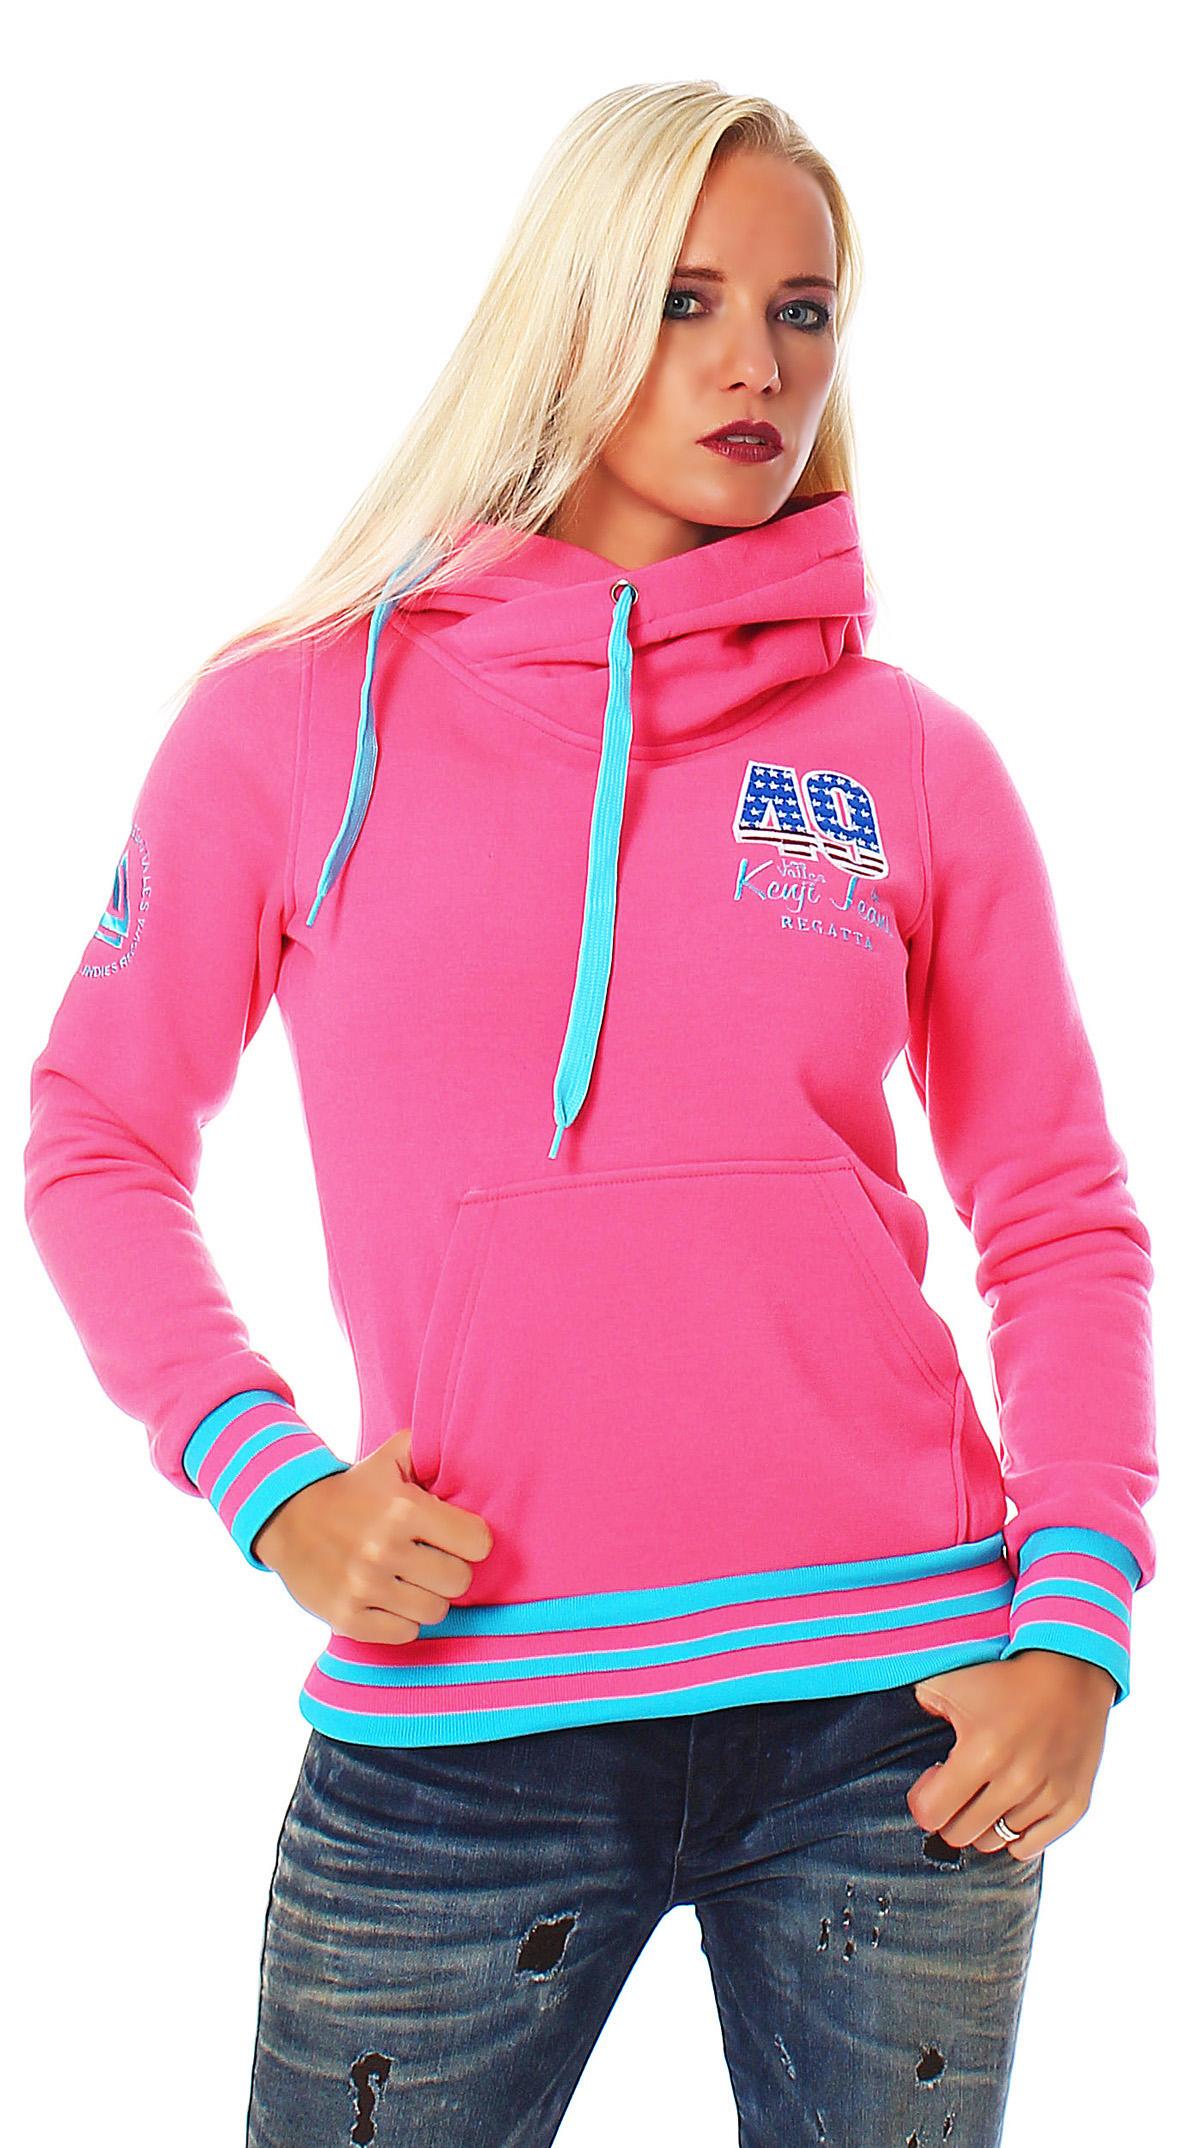 ladies sweatshirt pullover hoodie jacket warm lining top. Black Bedroom Furniture Sets. Home Design Ideas